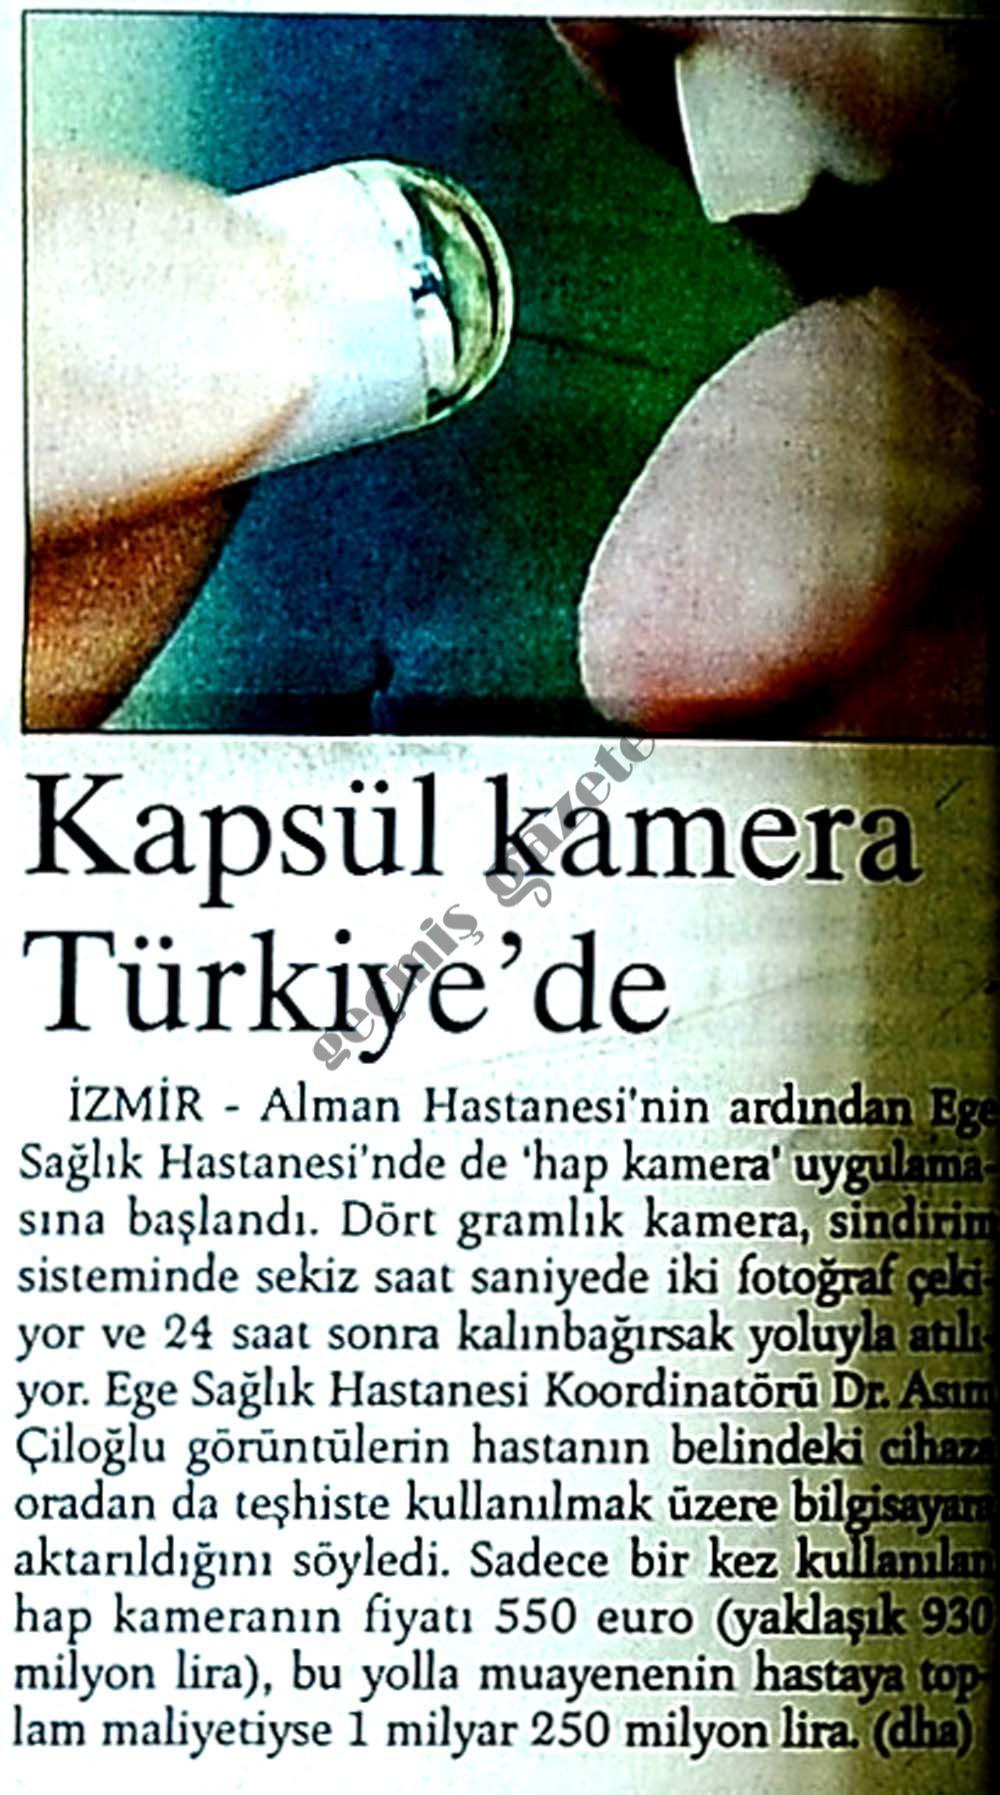 Kapsül kamera Türkiye'de